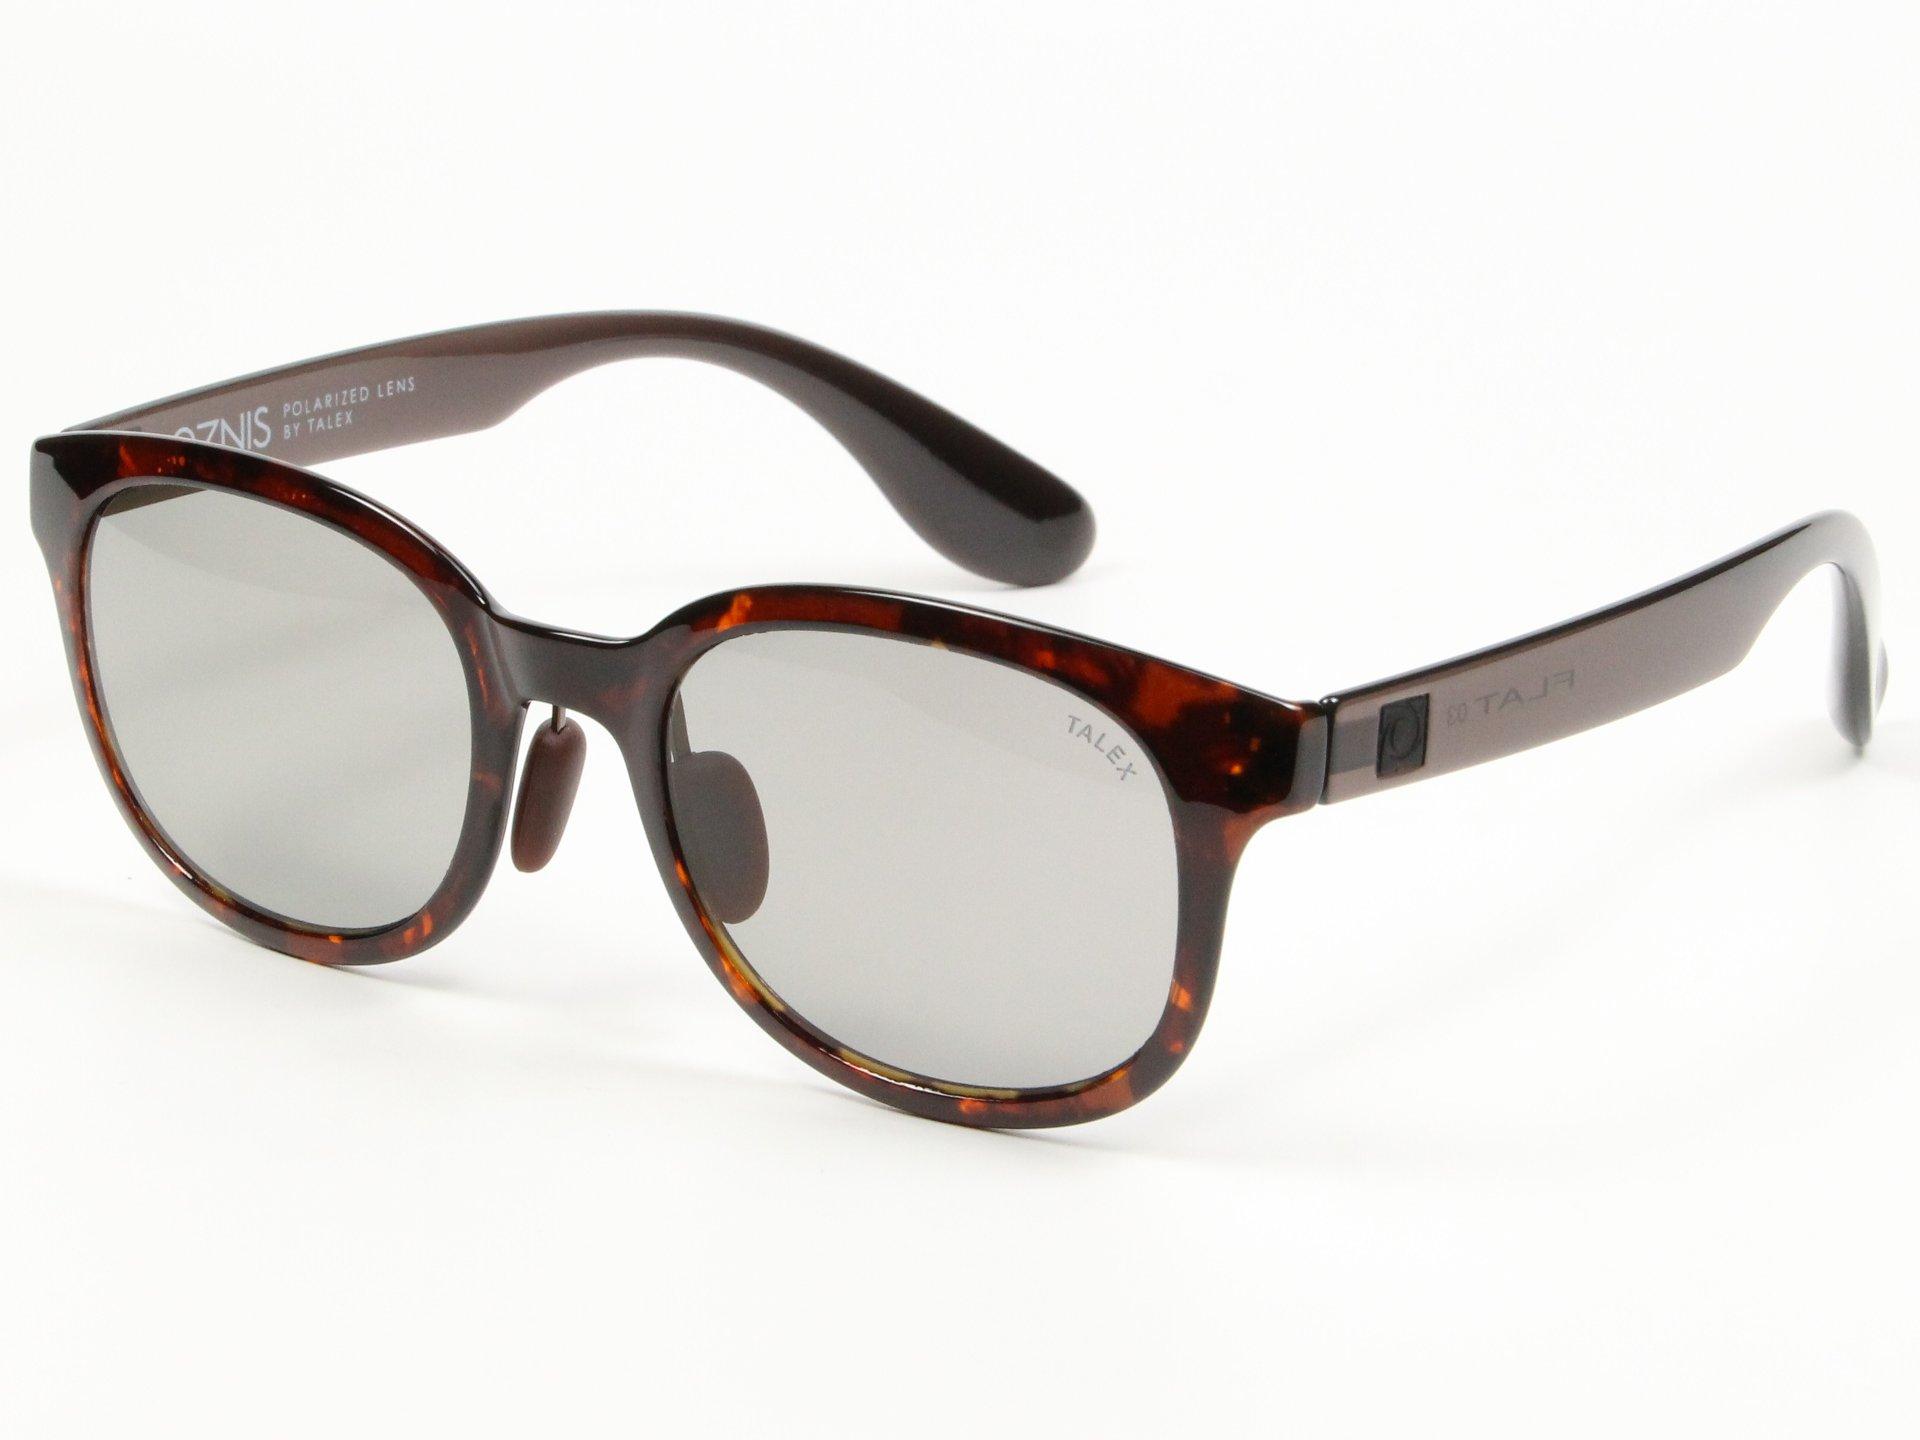 TALEX(タレックス)度なしサングラス製作例 OZNIS FLAT03(オズニス・フラット03)